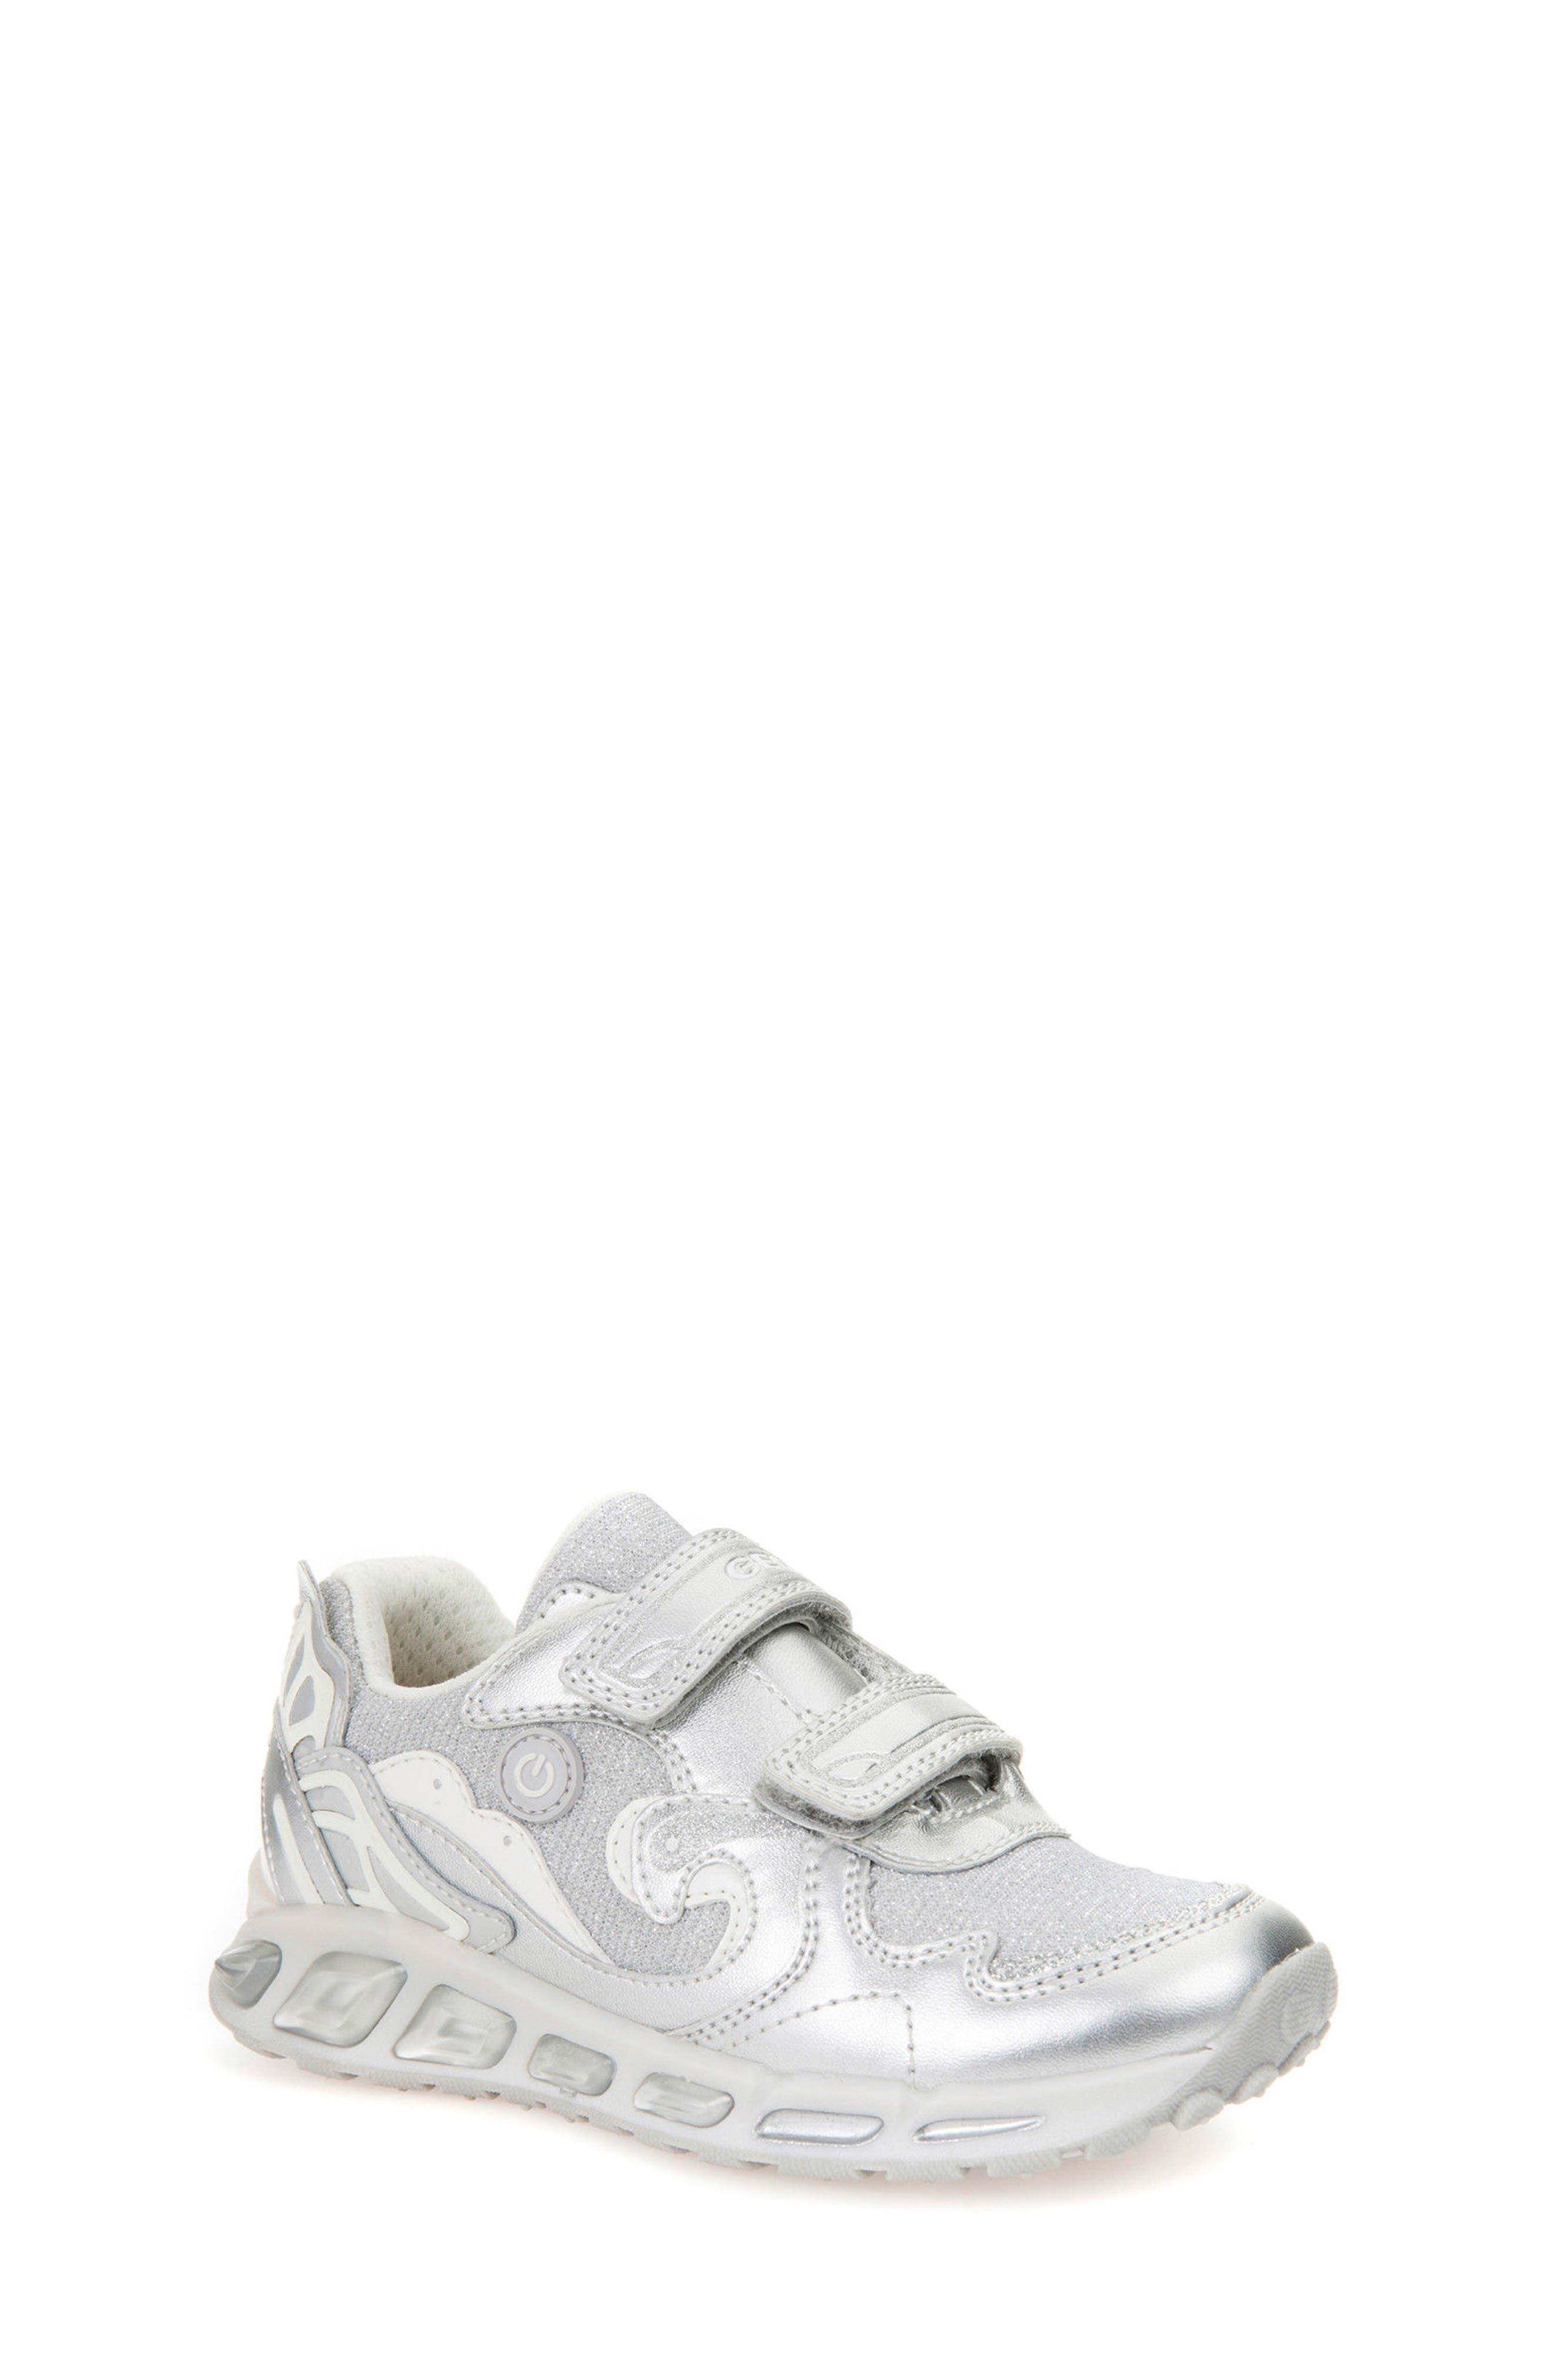 Geox Shuttle Sneaker (Toddler, Little Kid & Big Kid)